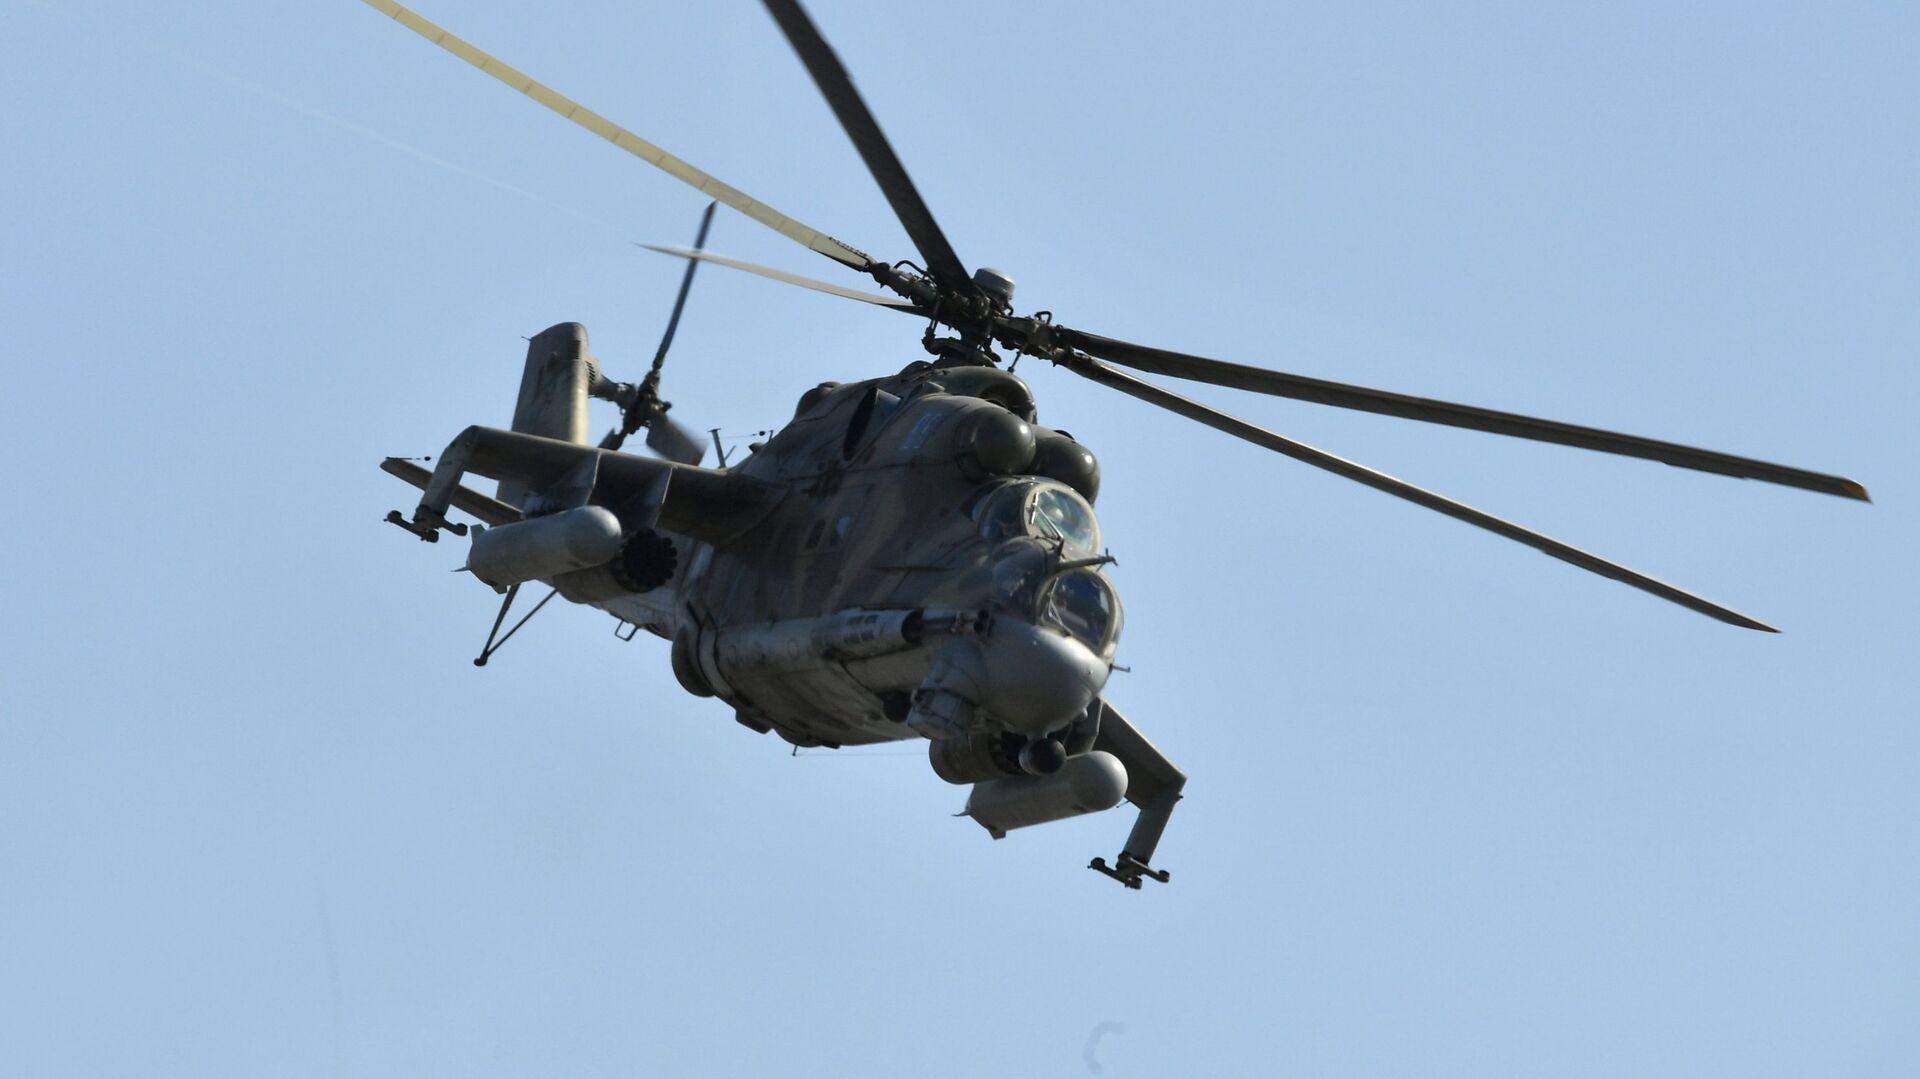 Helicóptero Mi-24 durante las maniobras Kavkaz 2020 - Sputnik Mundo, 1920, 12.02.2021